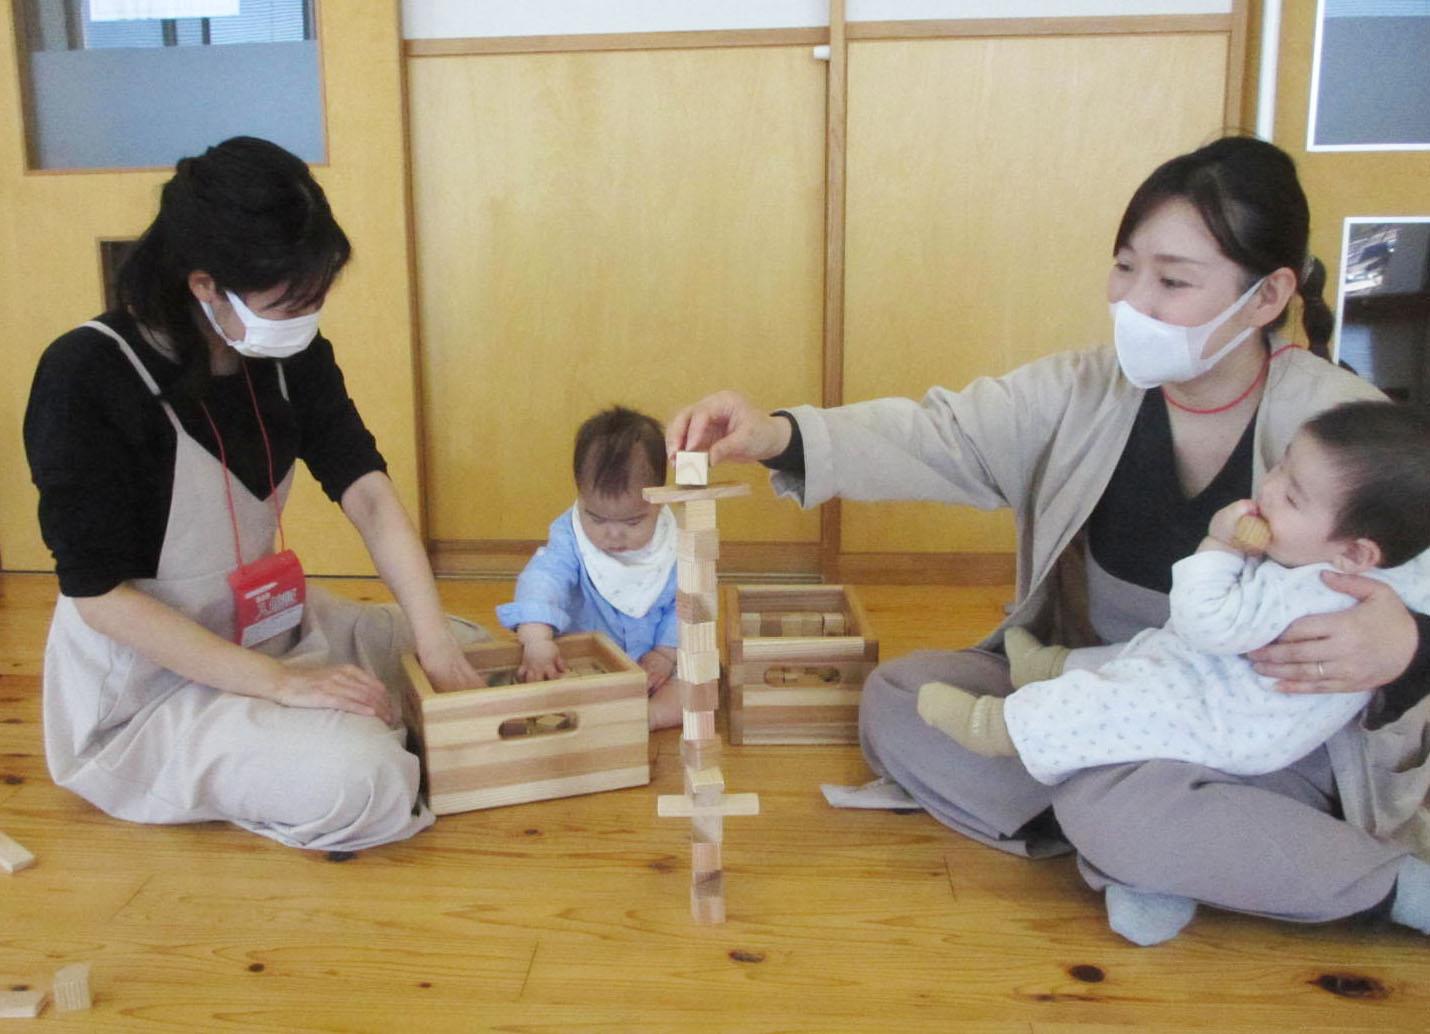 4/21「はじめての木育forBaby~つみきあそびとおもちゃのこと~」